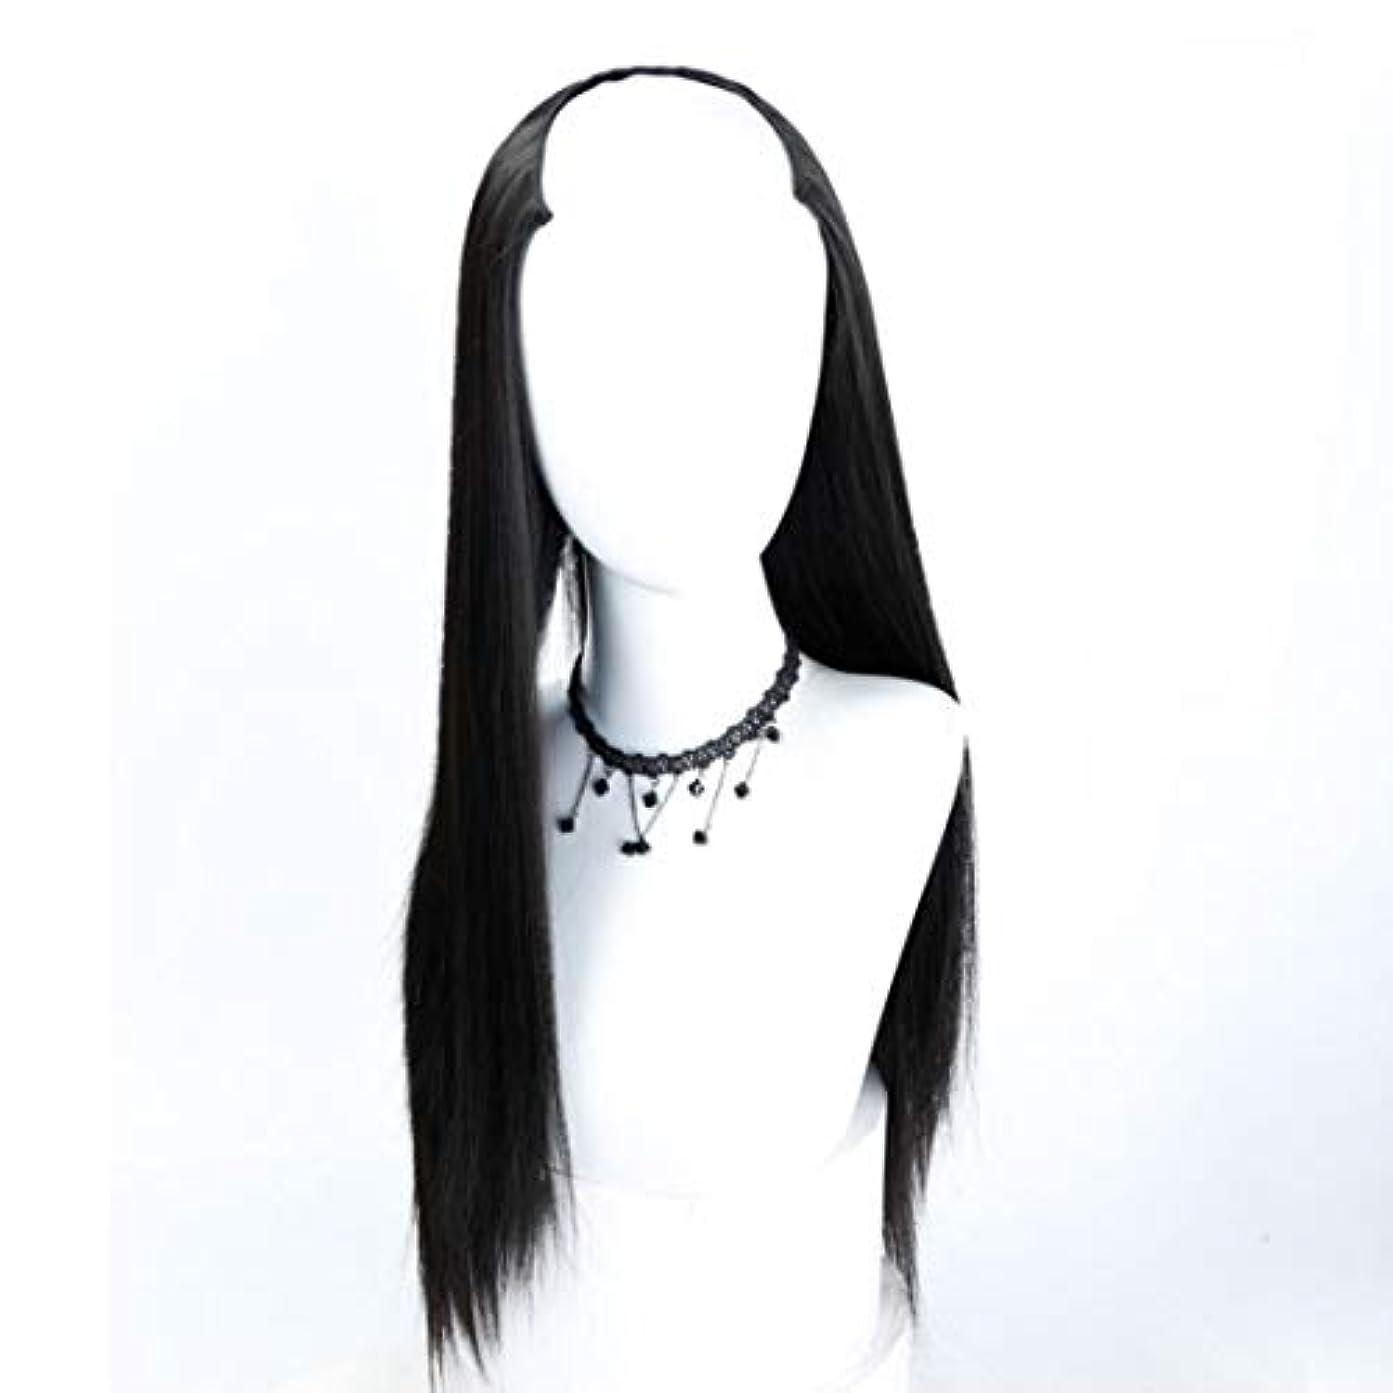 青思慮深いごめんなさいSummerys U字型かつら、長いストレートヘア見えないシームレスなヘッドギア合成色かつら (Color : Black)